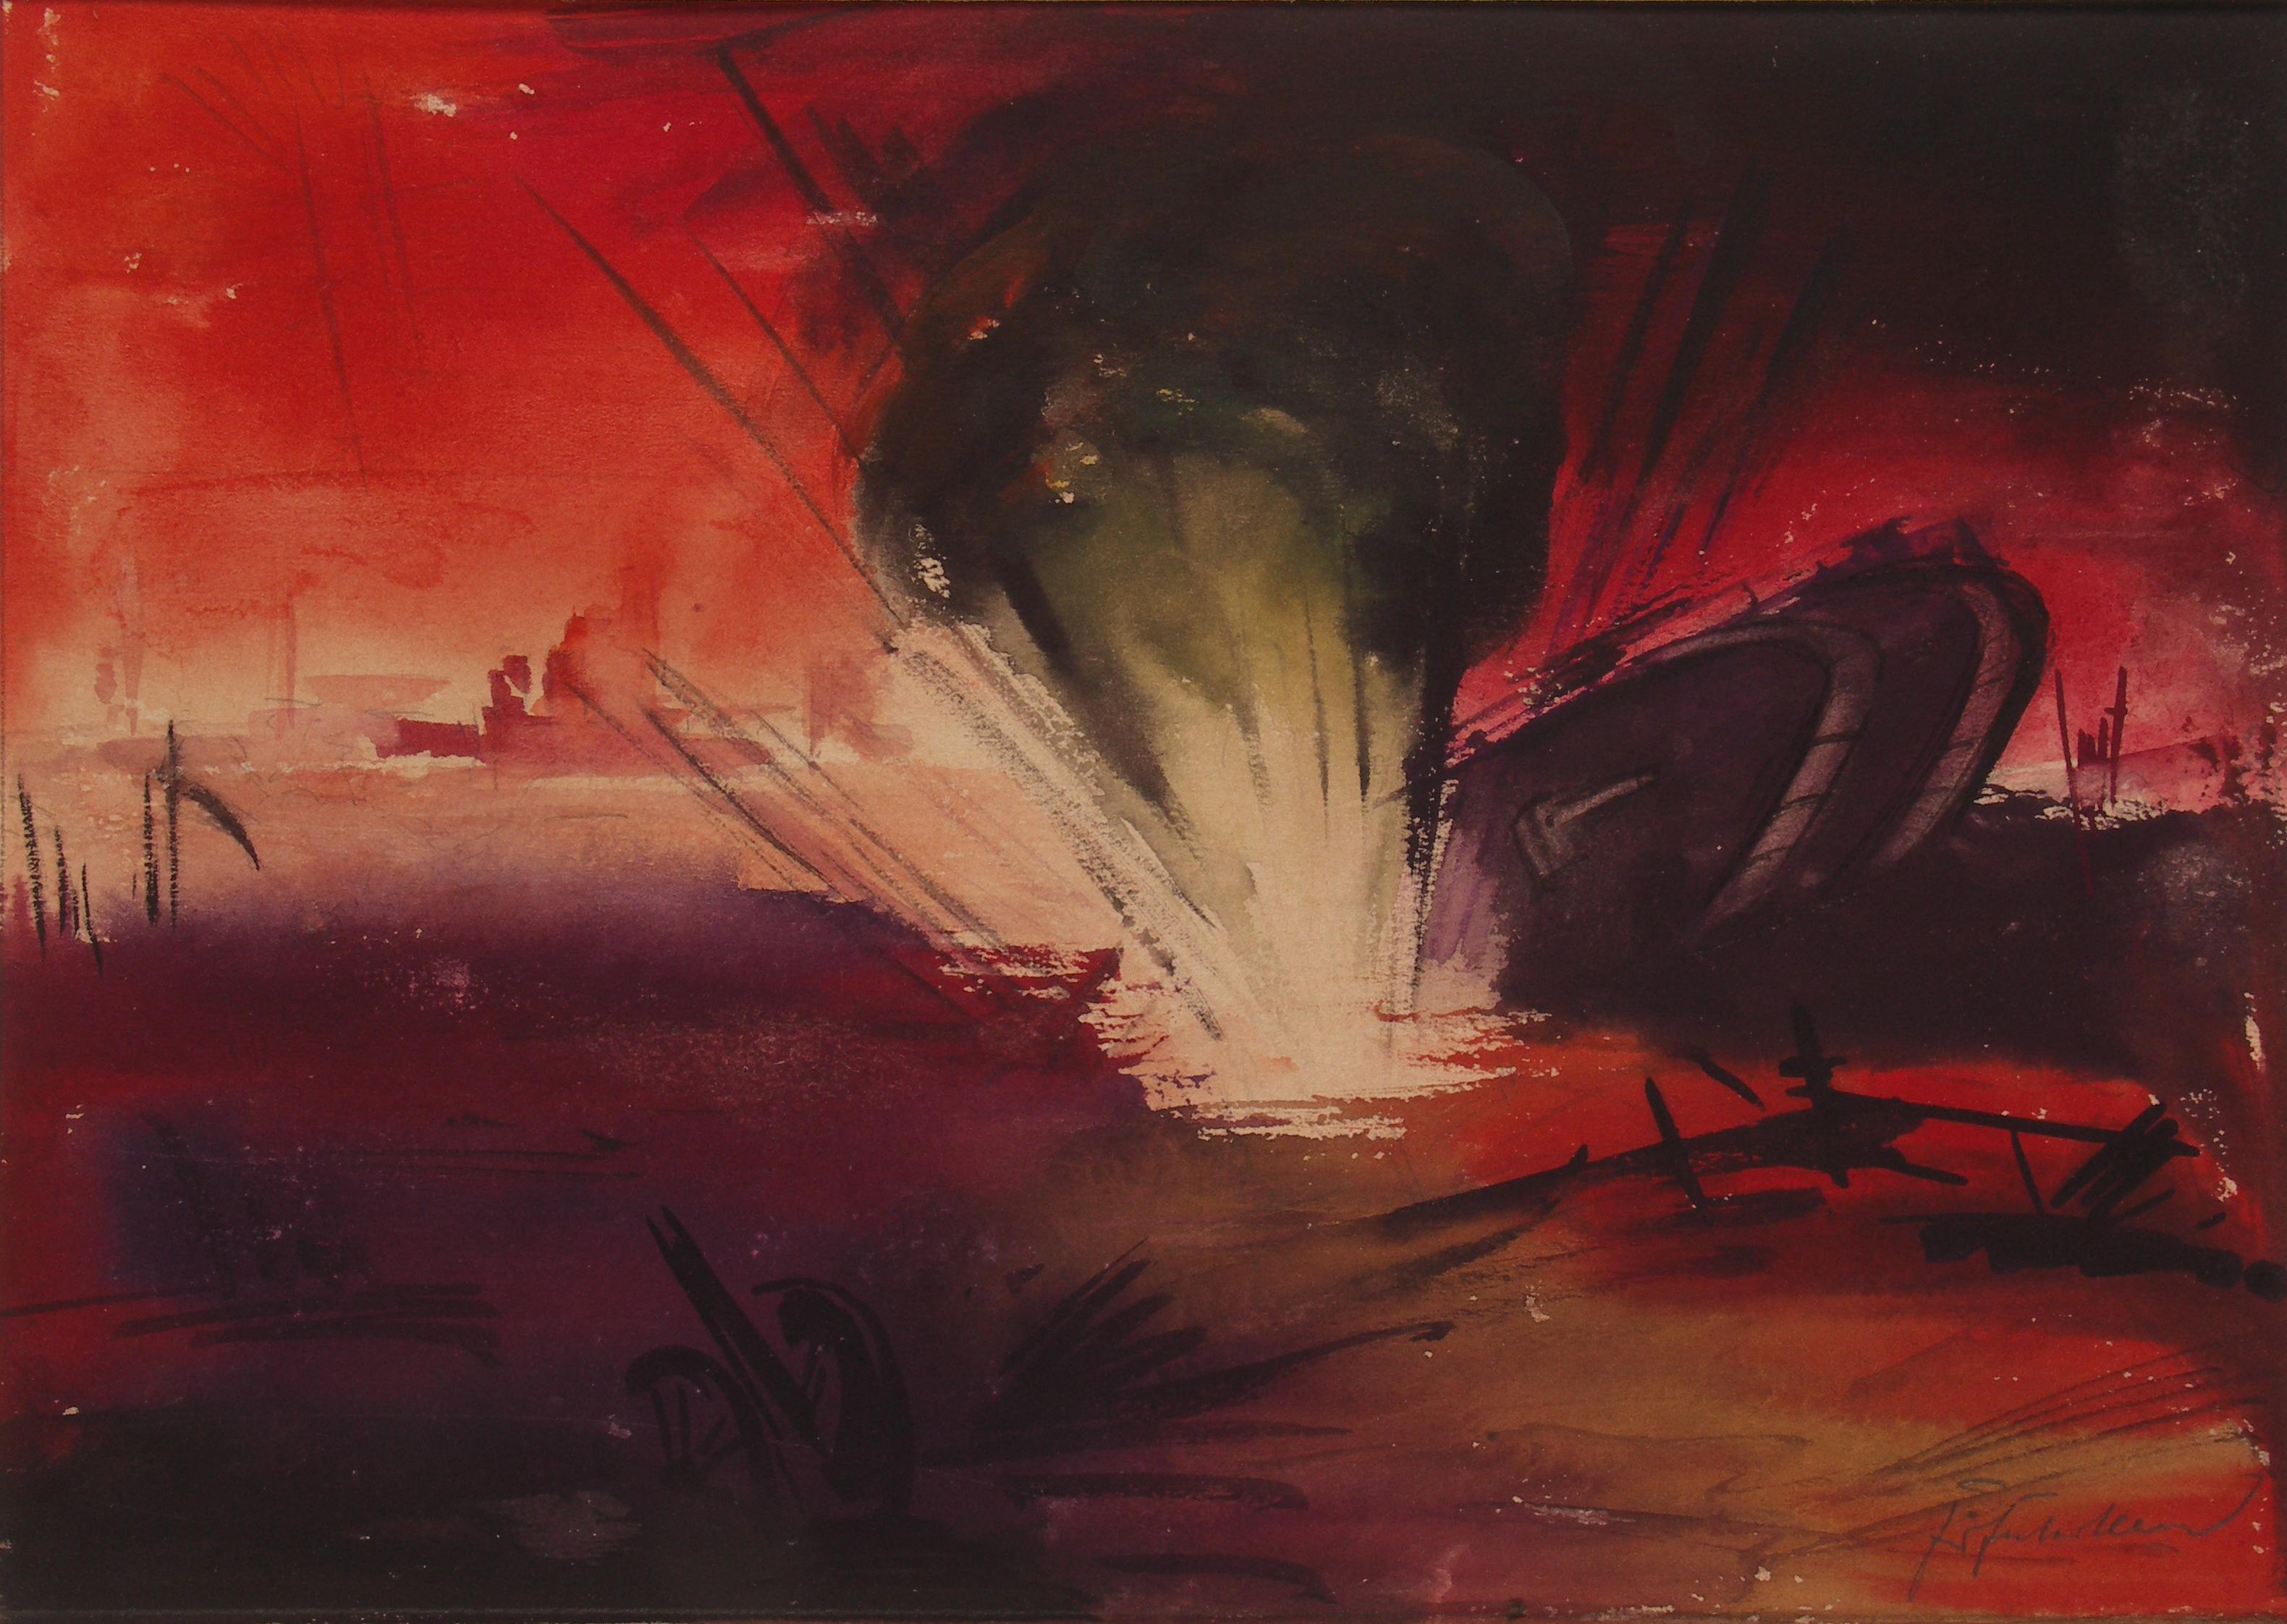 Fritz Fuhrken, Granate trifft englischen Panzer, Somme Schlacht, 1918.